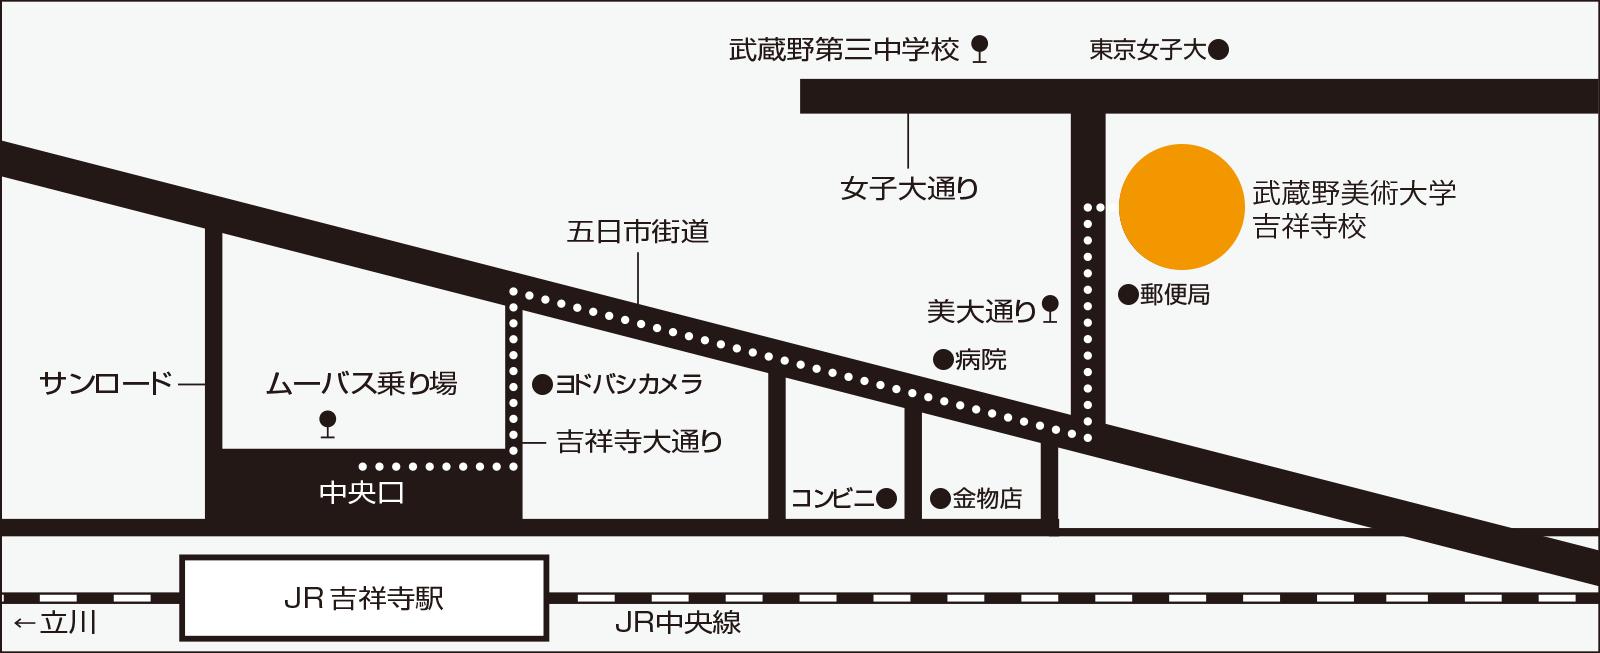 吉祥寺校の地図